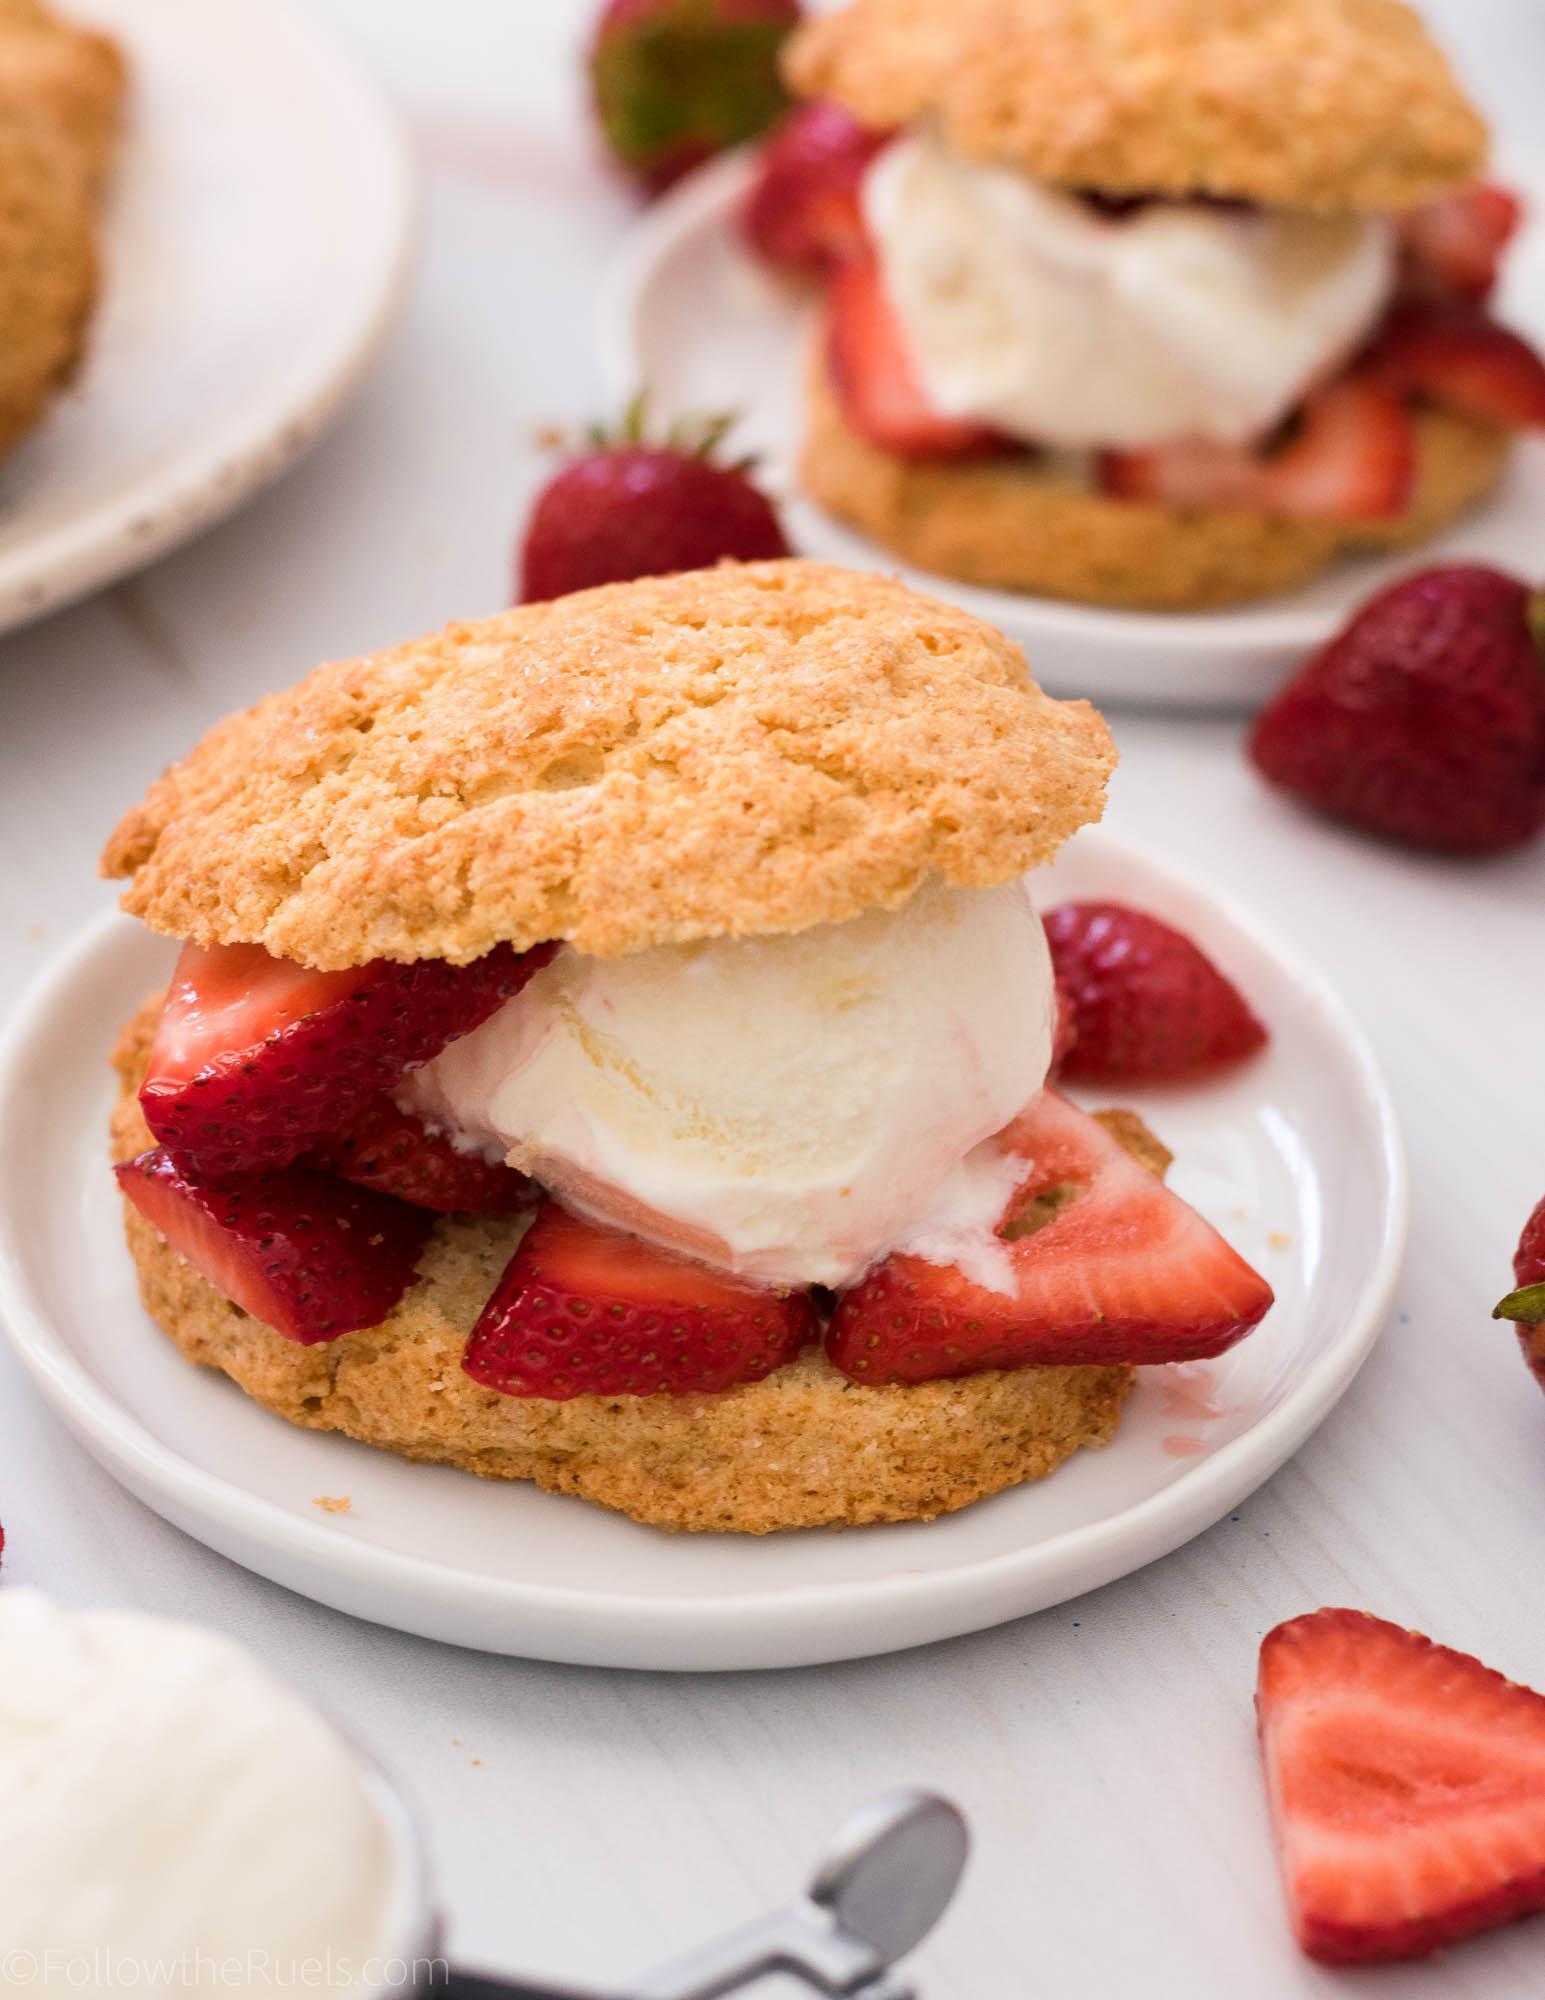 Strawberry-Shortcake-17.jpg